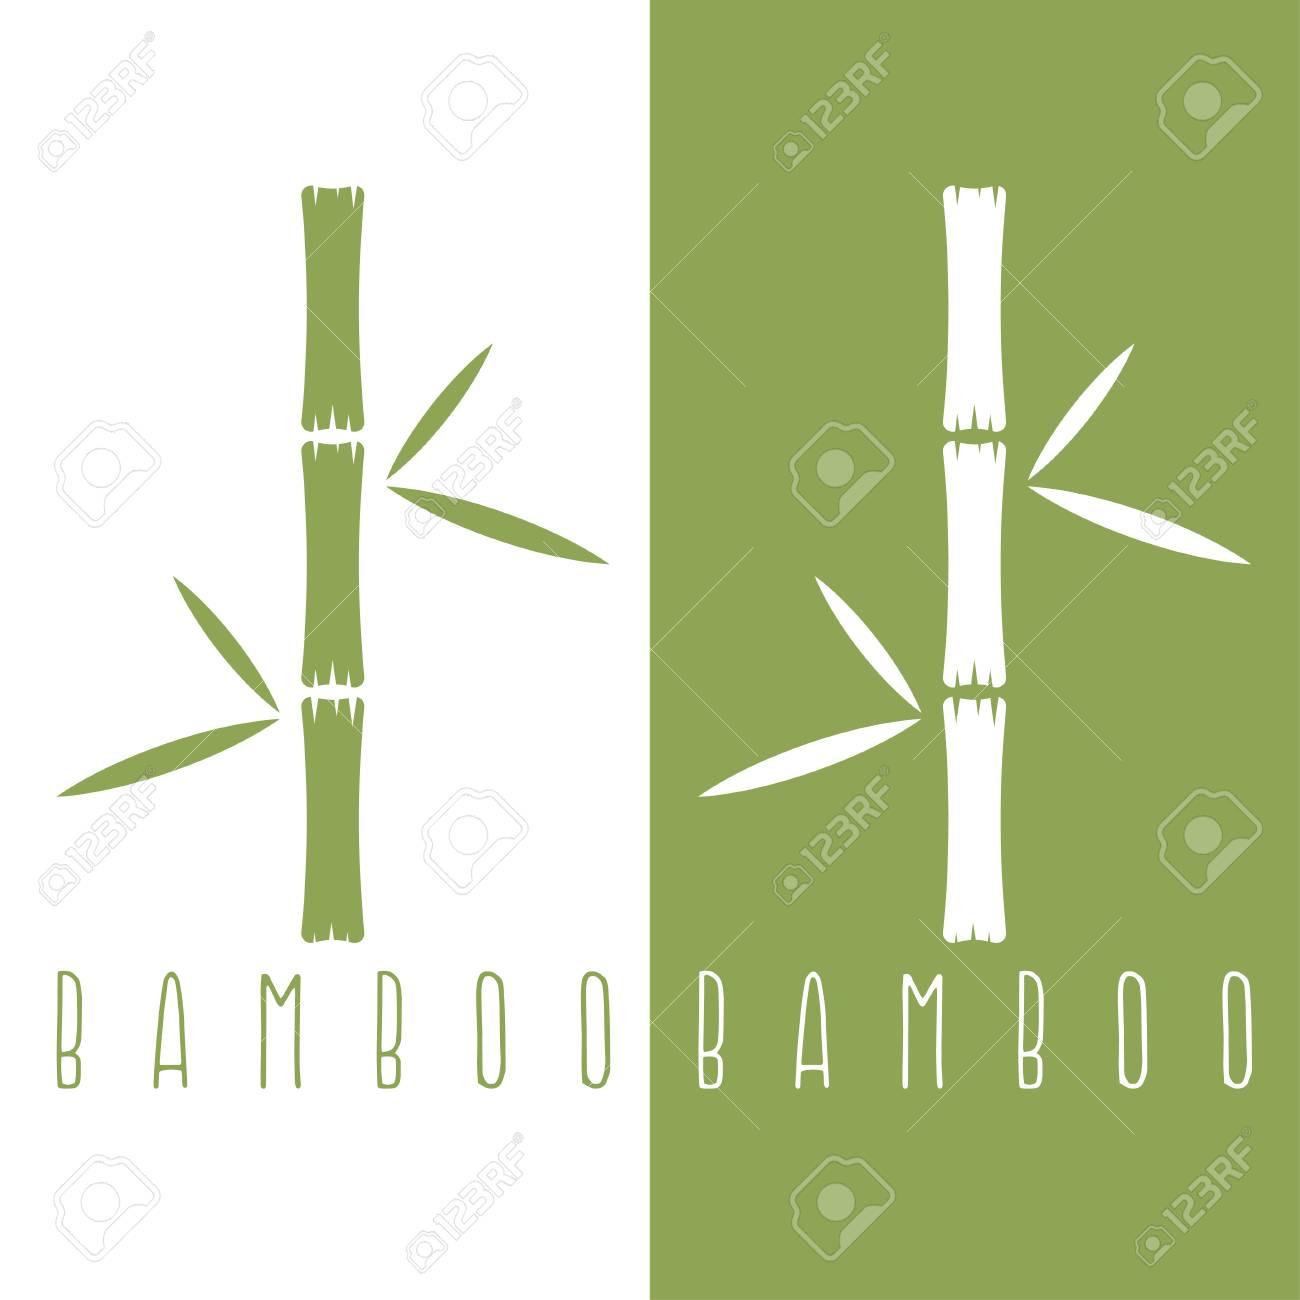 Bambou Vert Tiges Et Les Feuilles Modèle De Dessin Vectoriel